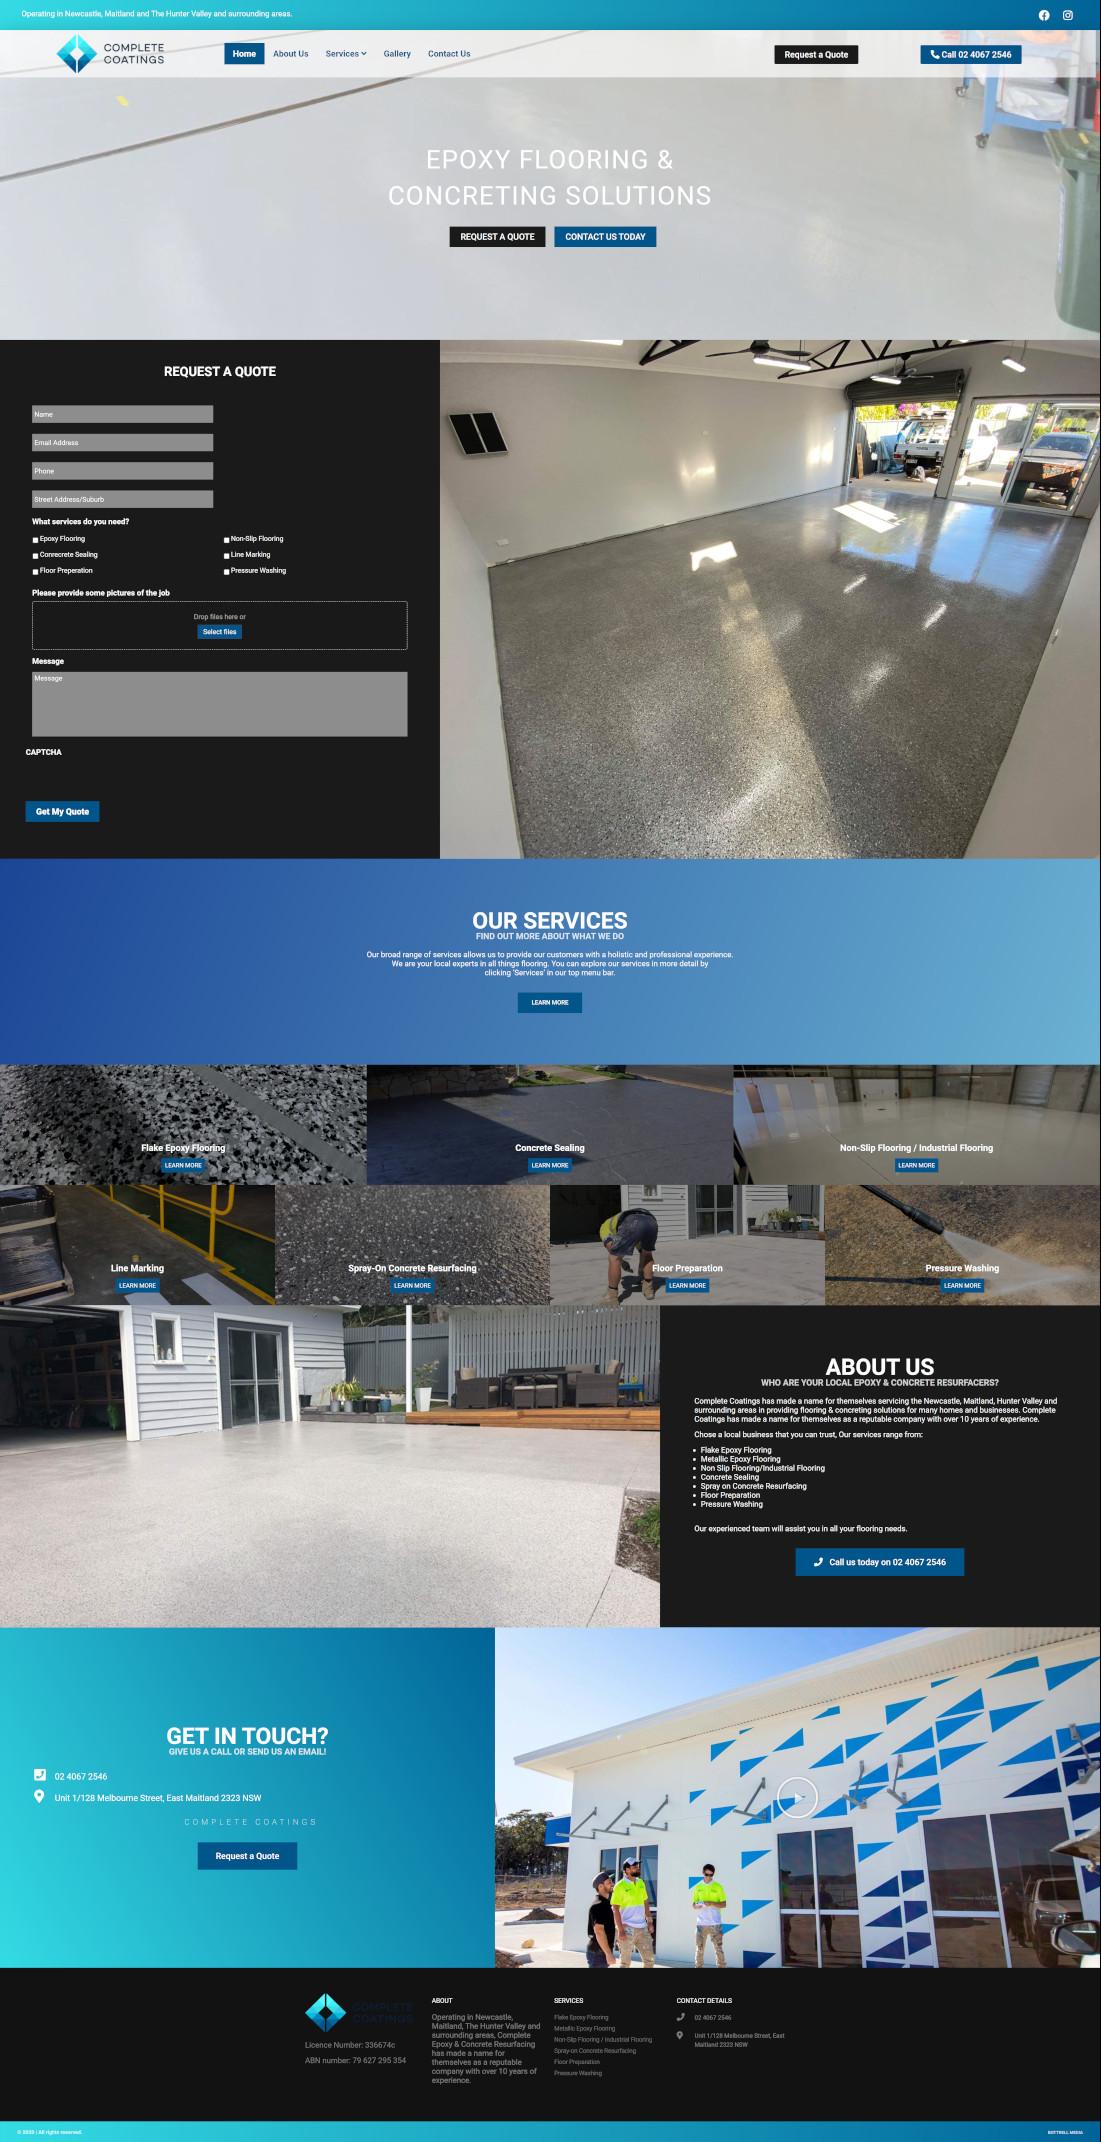 completecoatings full homepage